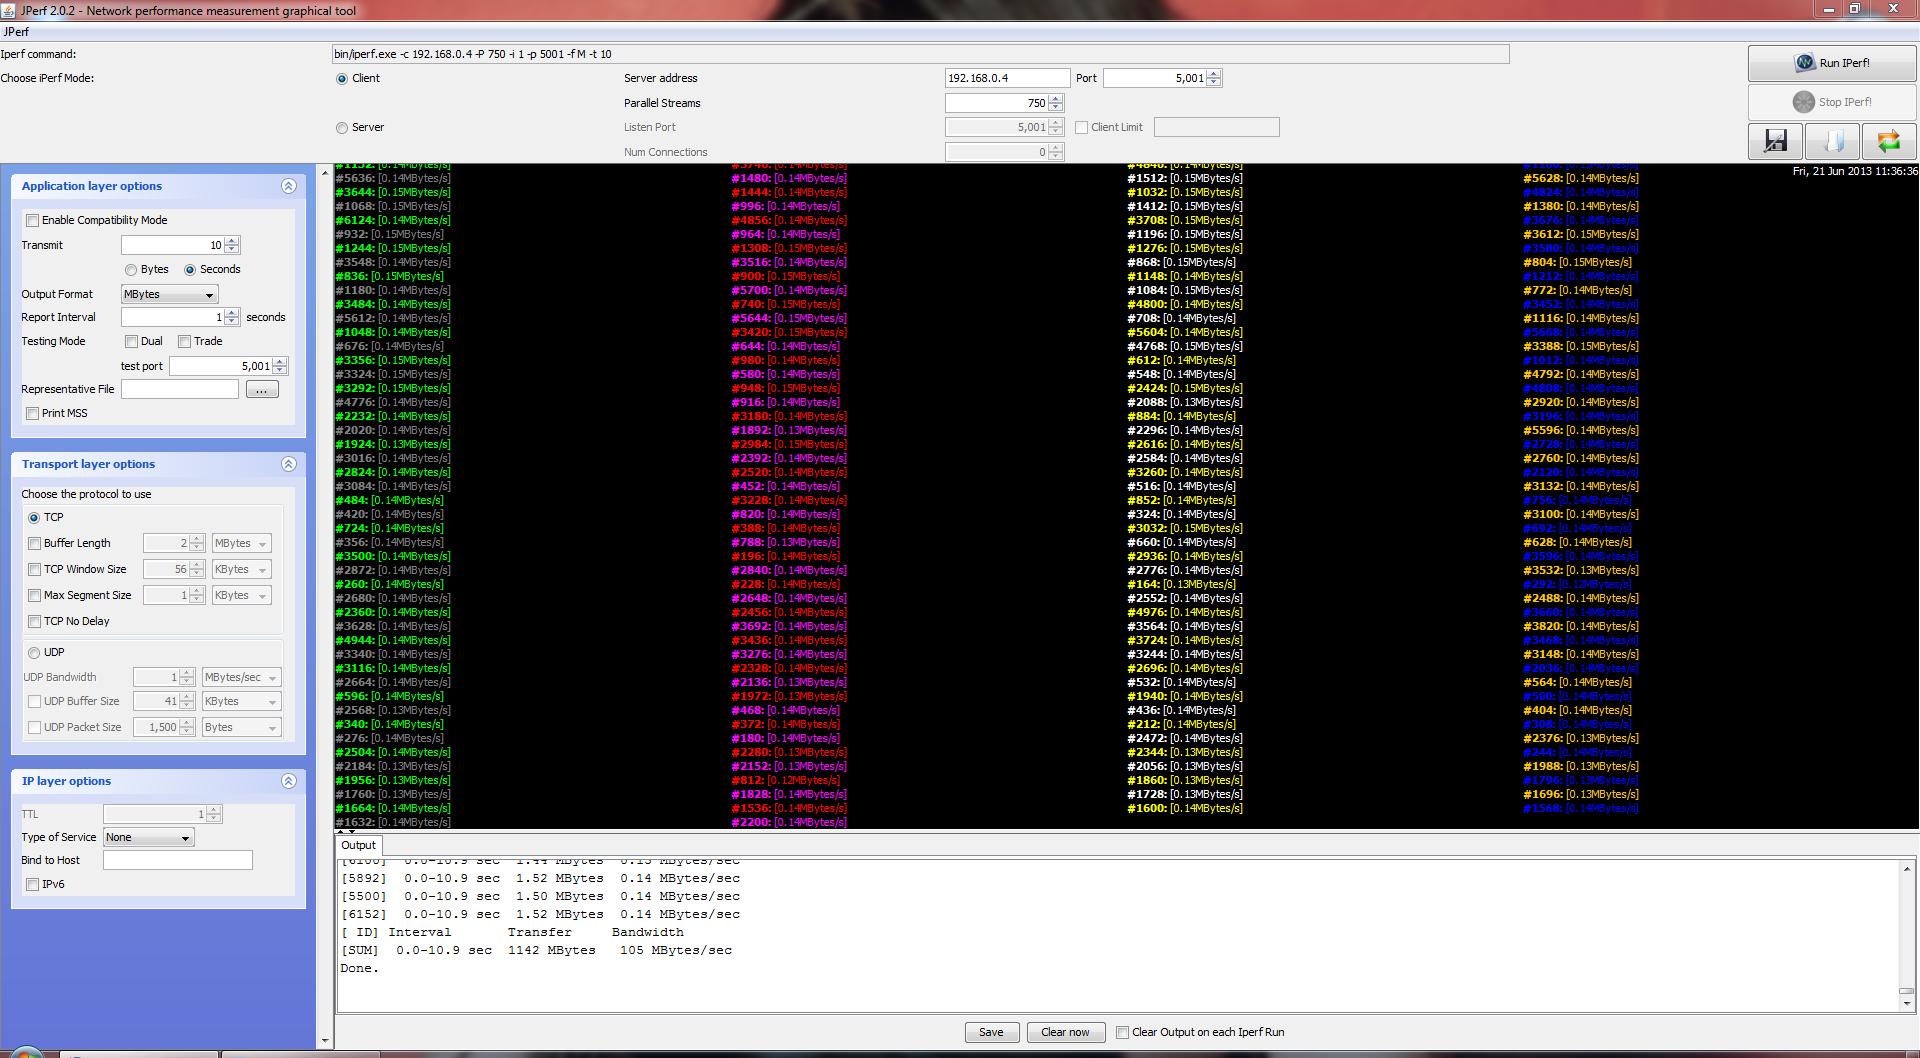 TP-Link Archer C7 AC1750: Análisis de este router neutro con Wi-Fi AC